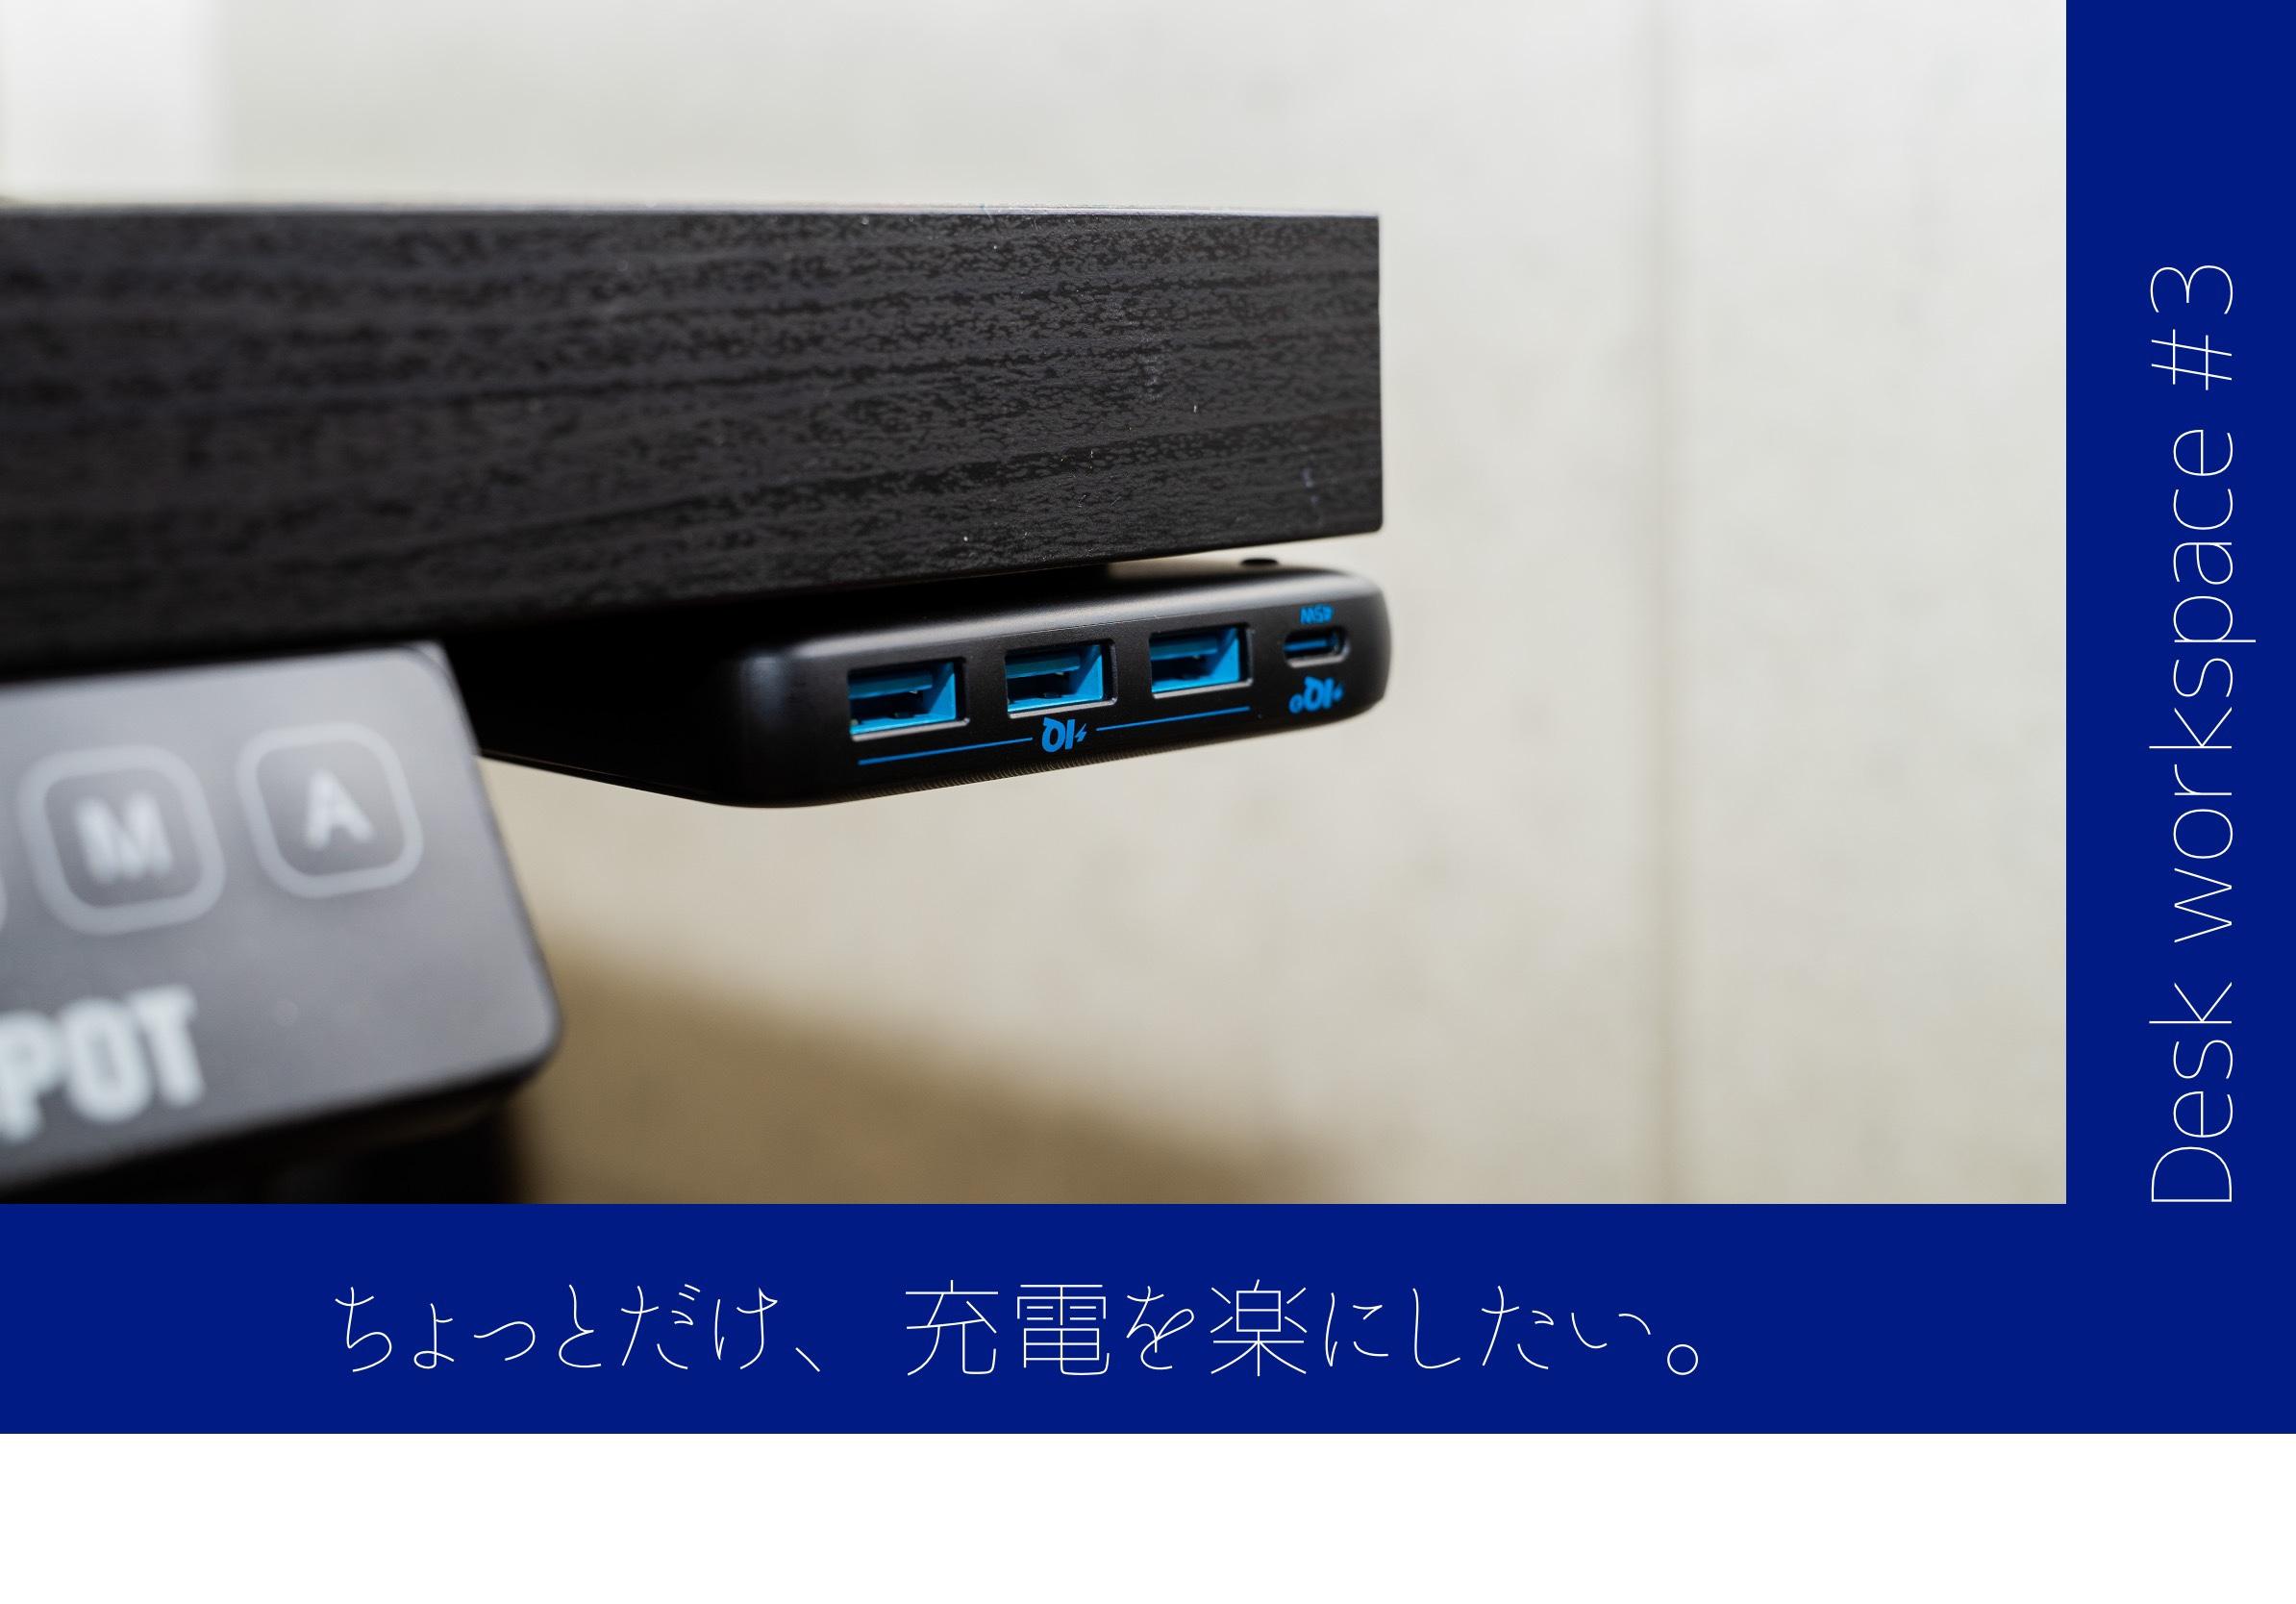 【デスク作業環境 #3】『Anker PowerPort AtomⅢSlim』でむず痒い充電を天板裏に忍ばせる。